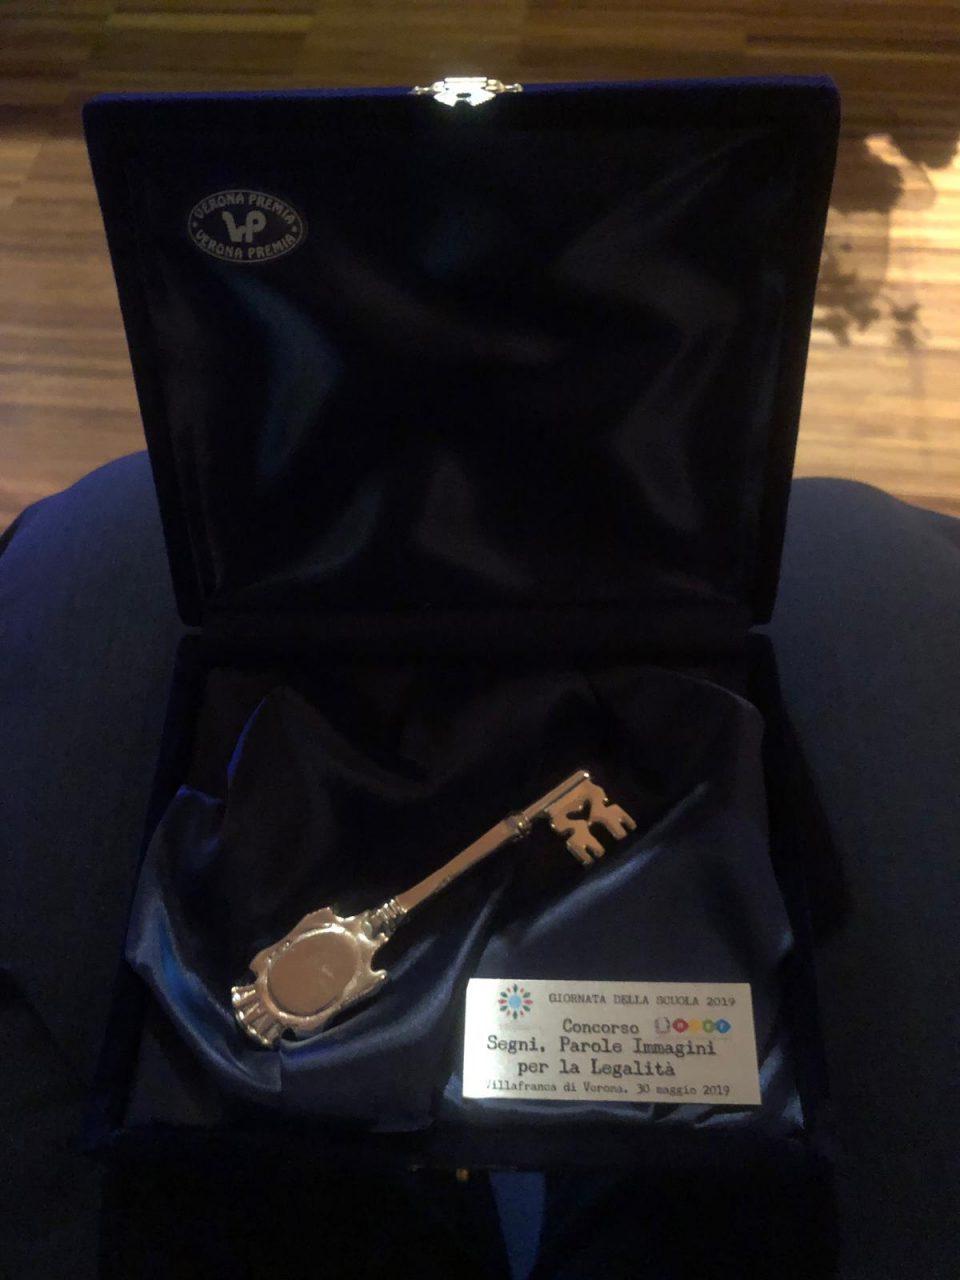 3°Stormo premiato con la Chiave d'Argento per le attività rivolte ai giovani